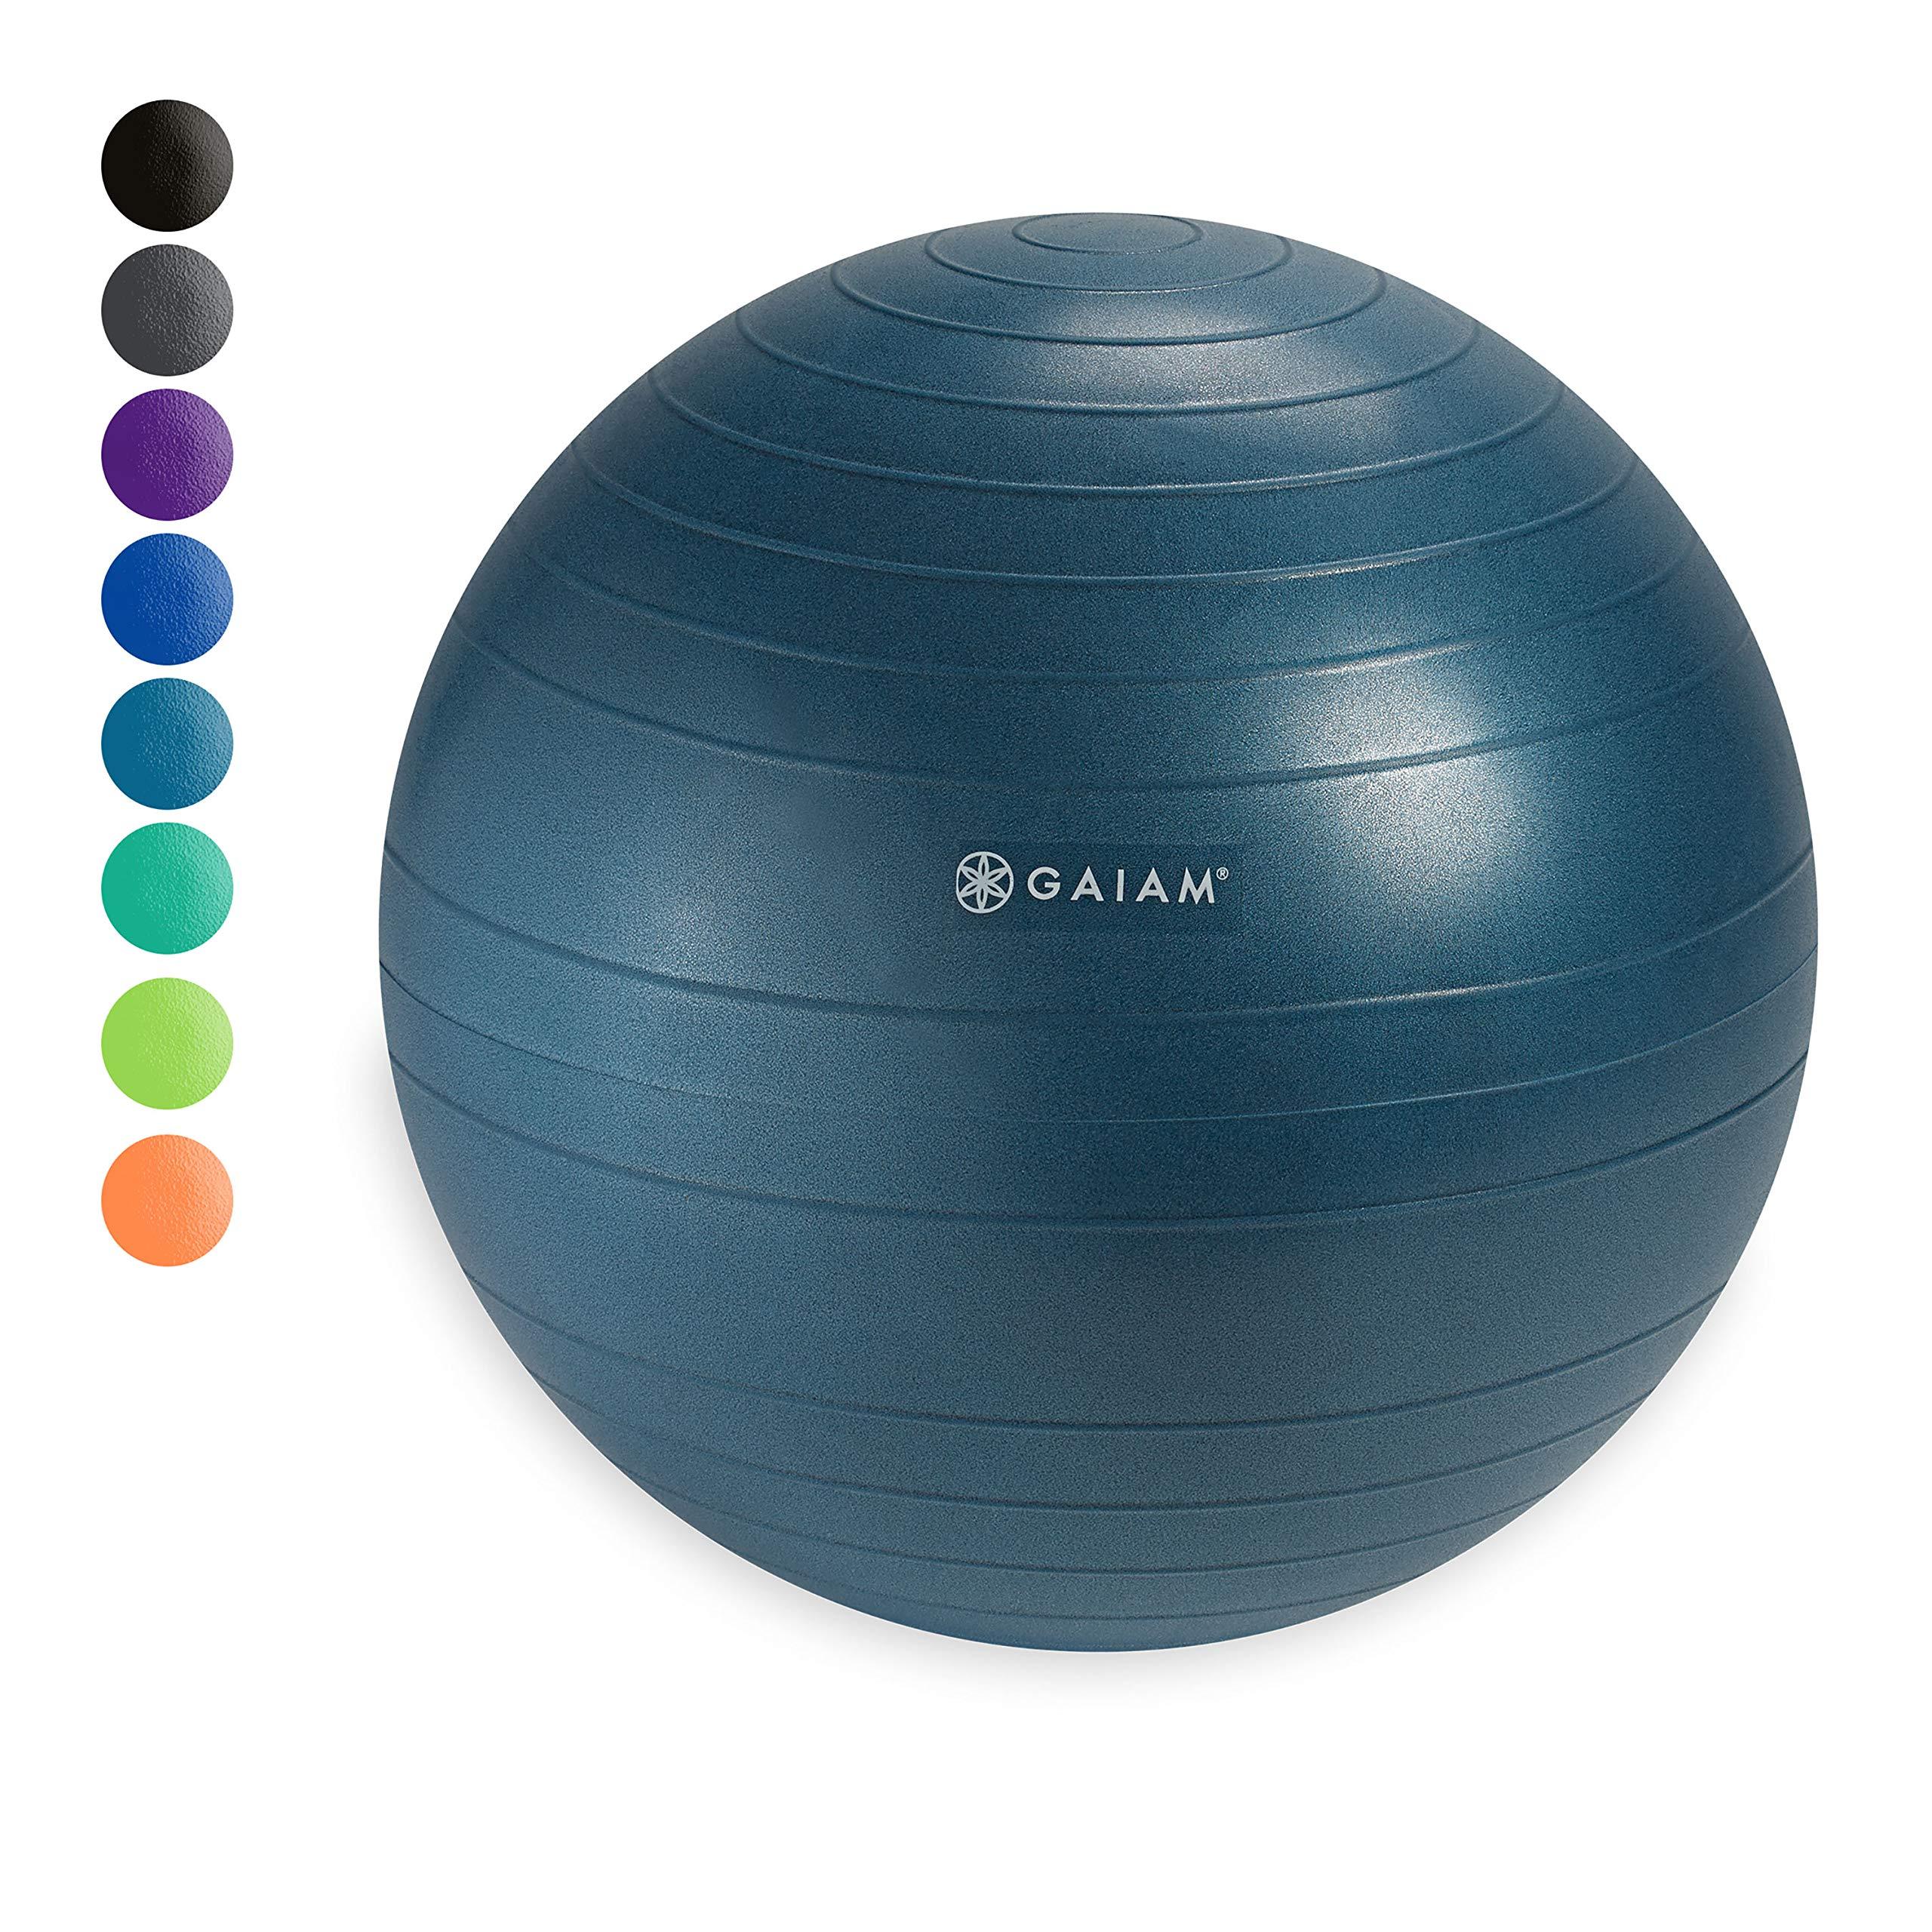 Gaiam Classic Balance Ball Chair Ball - Extra 52cm Balance Ball for Classic Balance Ball Chairs, Ocean Blue